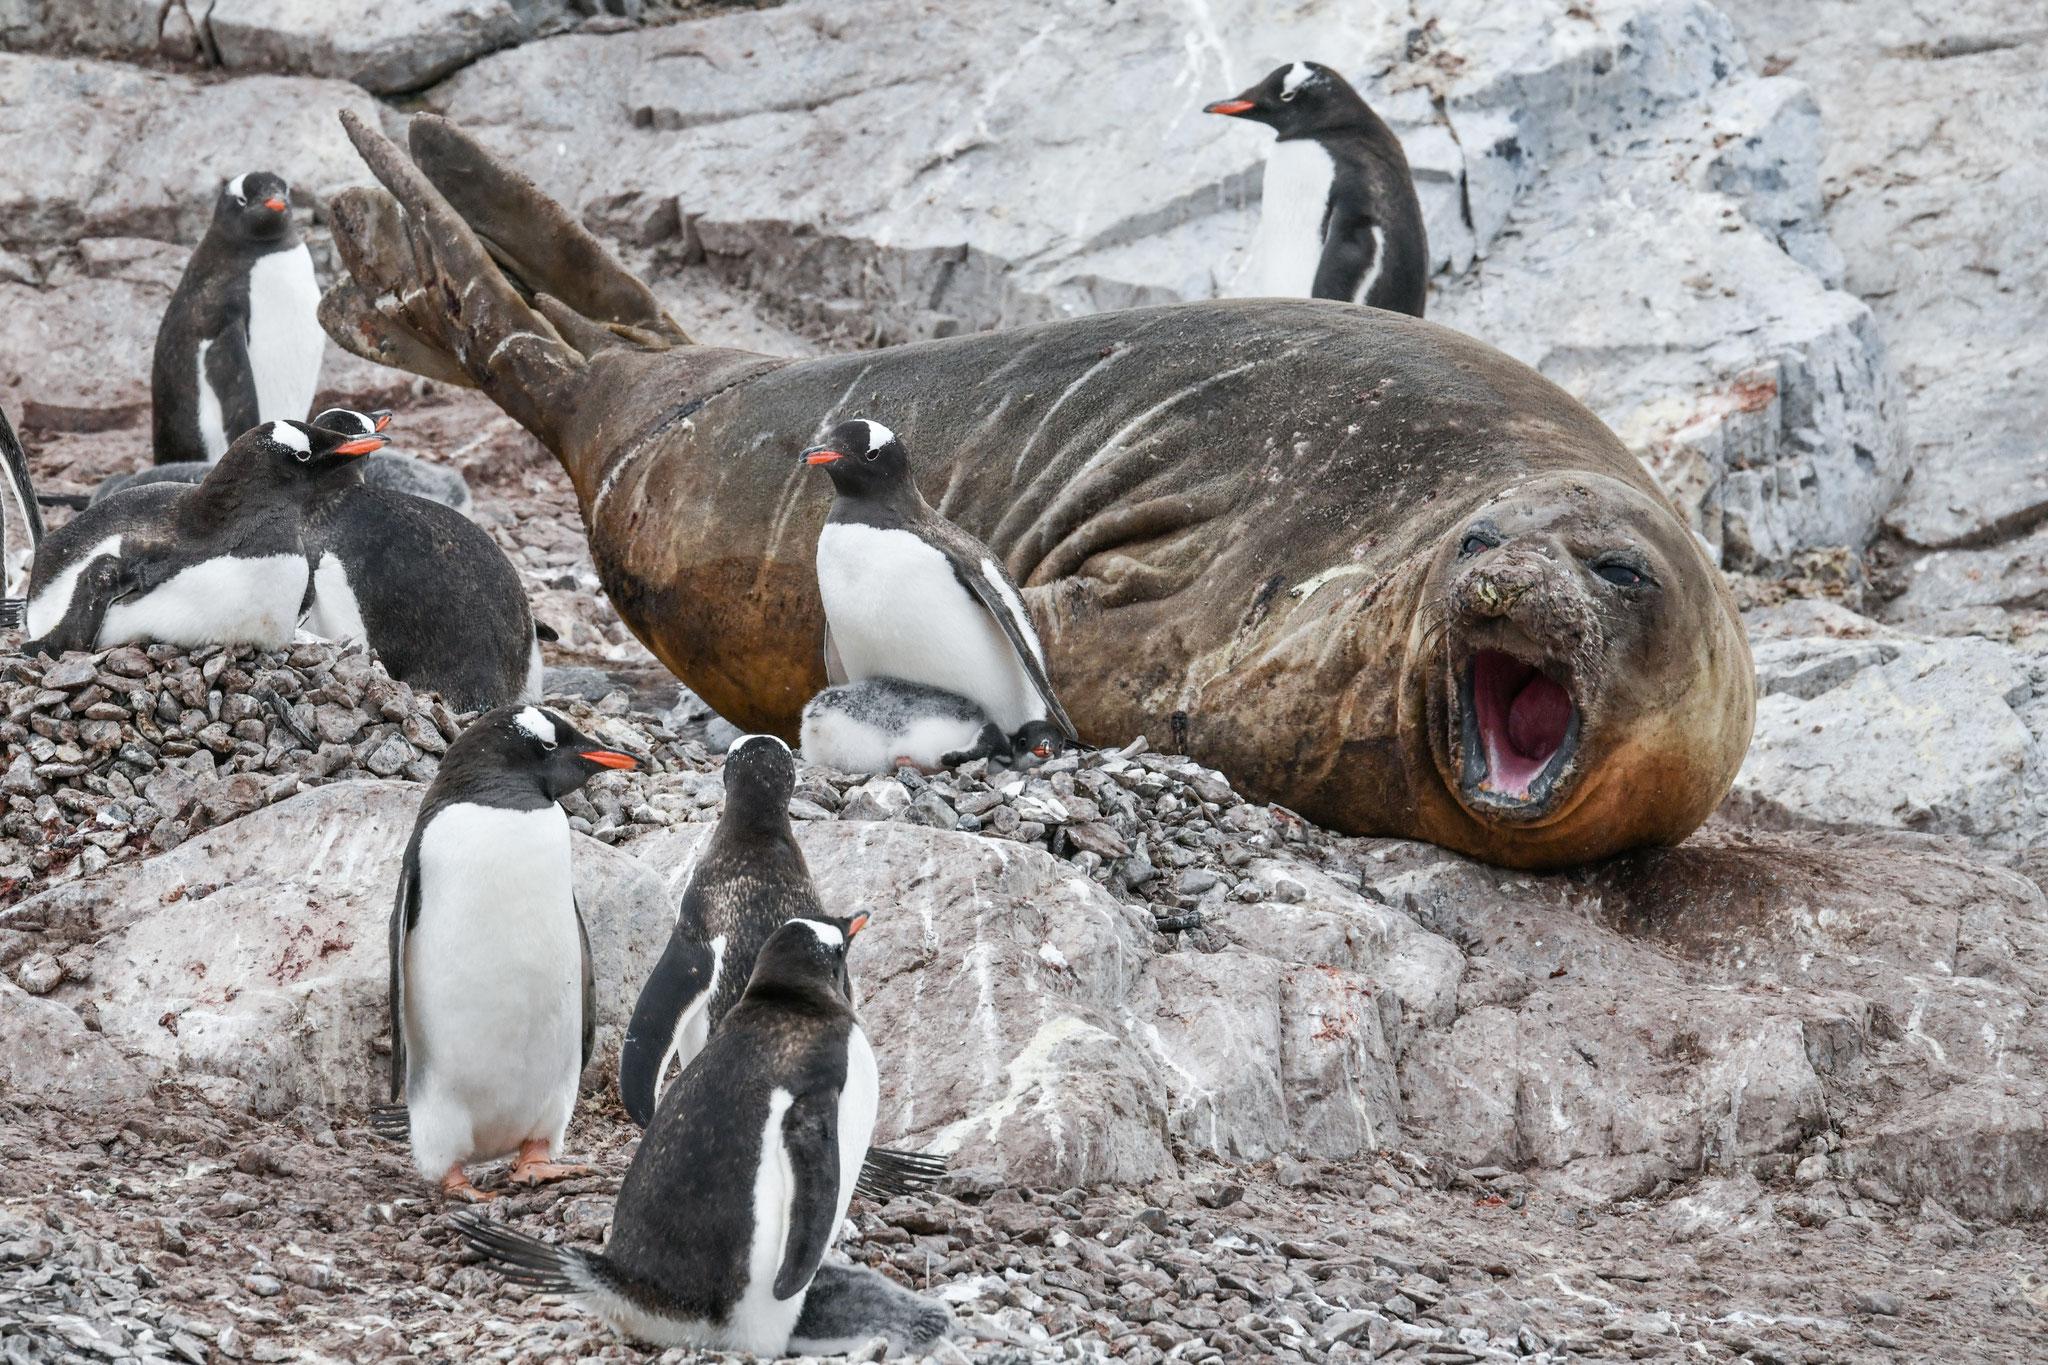 ジェンツーペンギンに囲われるゾウアザラシ